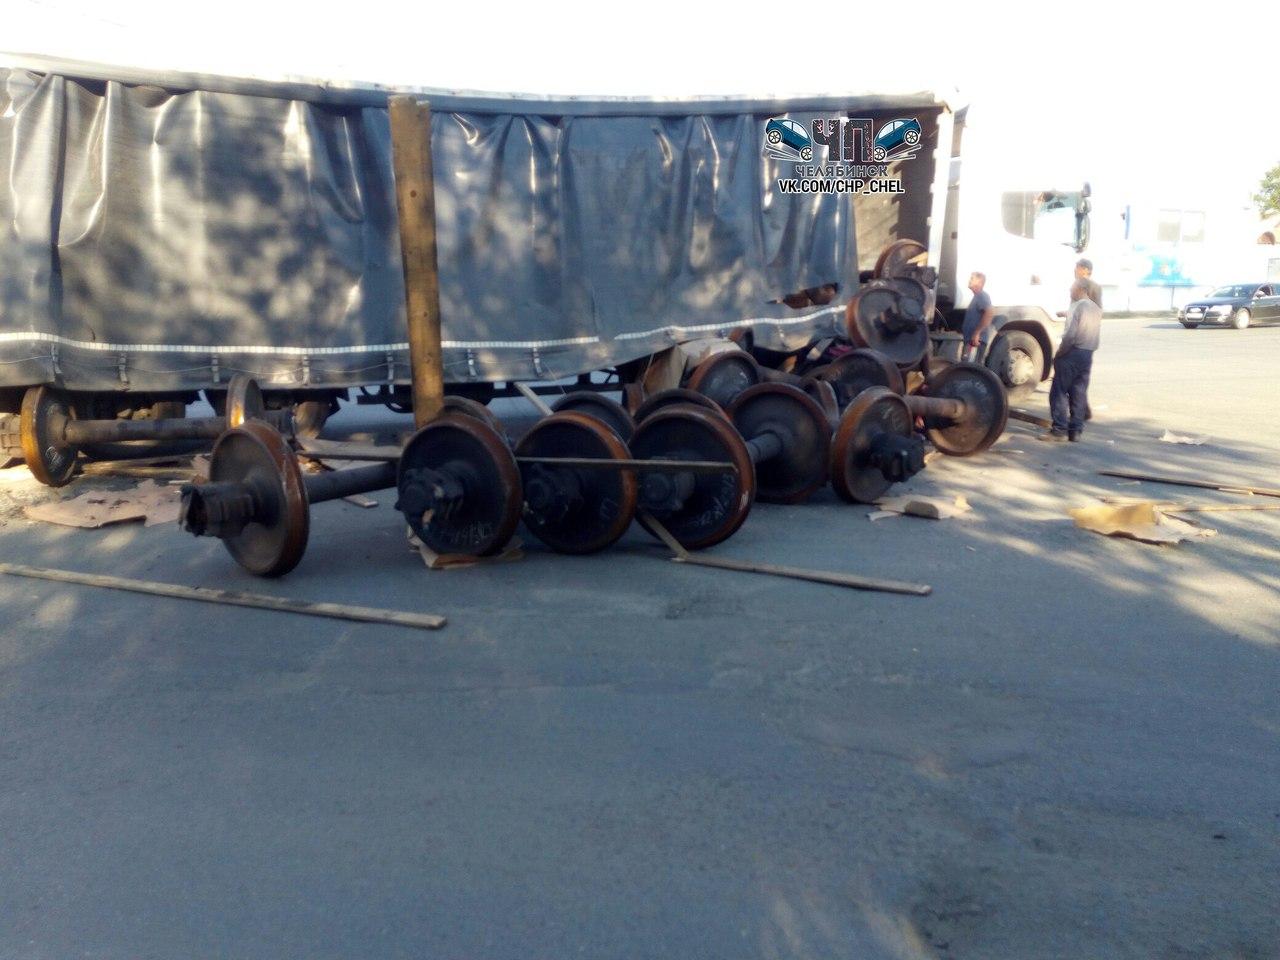 Сегодня утром на Троицком тракте в районе Коркино перевозимый груз потеряла Газель. Как рассказыв